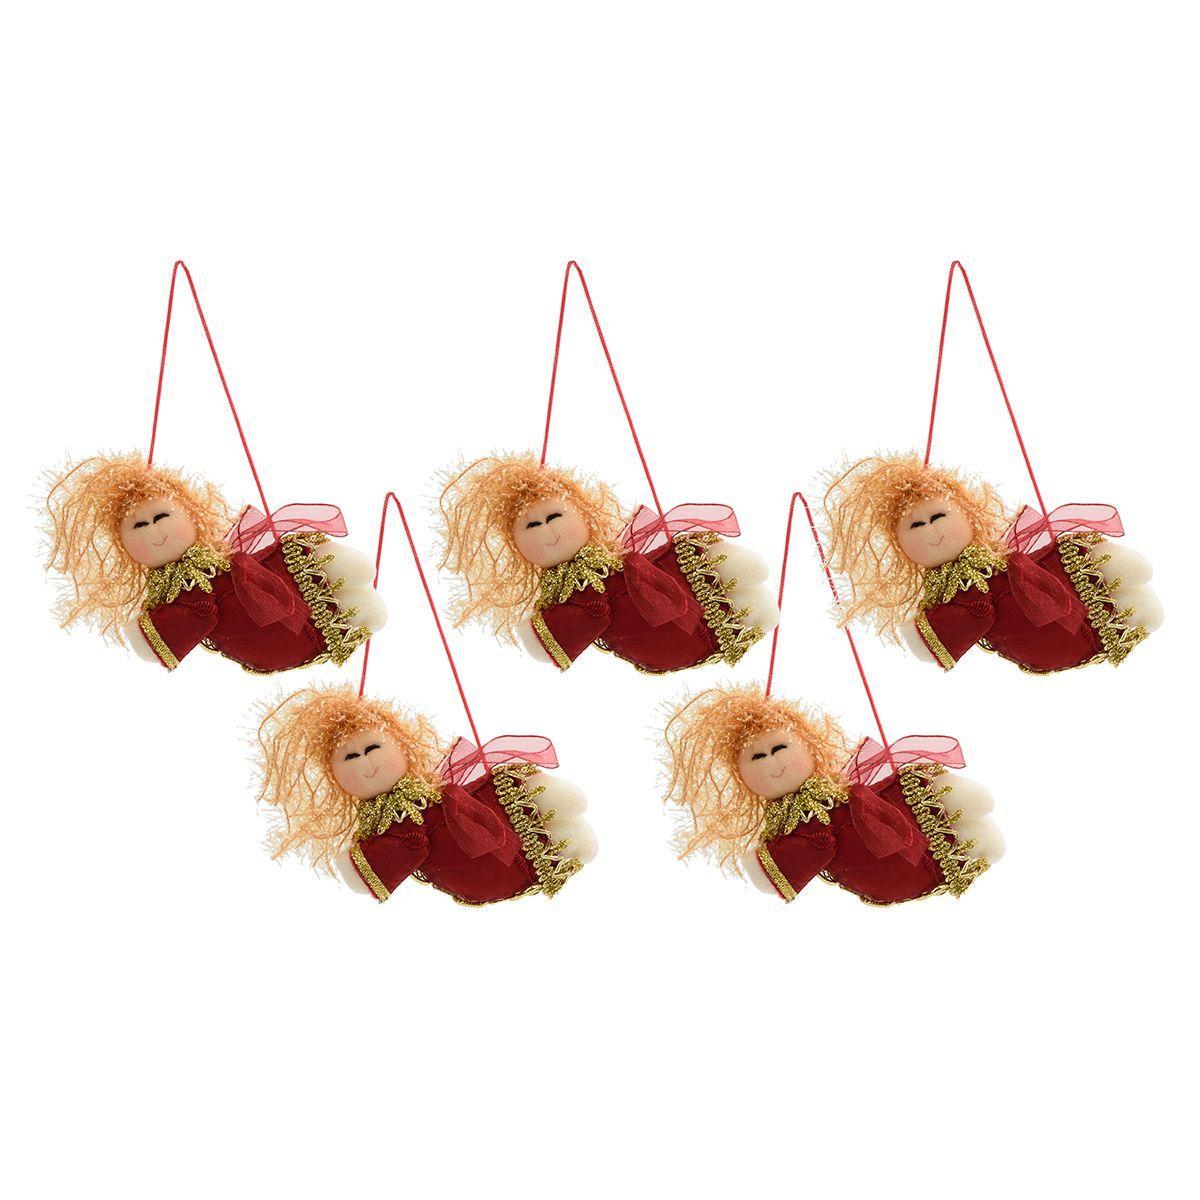 Мягкие ёлочные игрушки в виде летящих ангелочков, 5 шт.